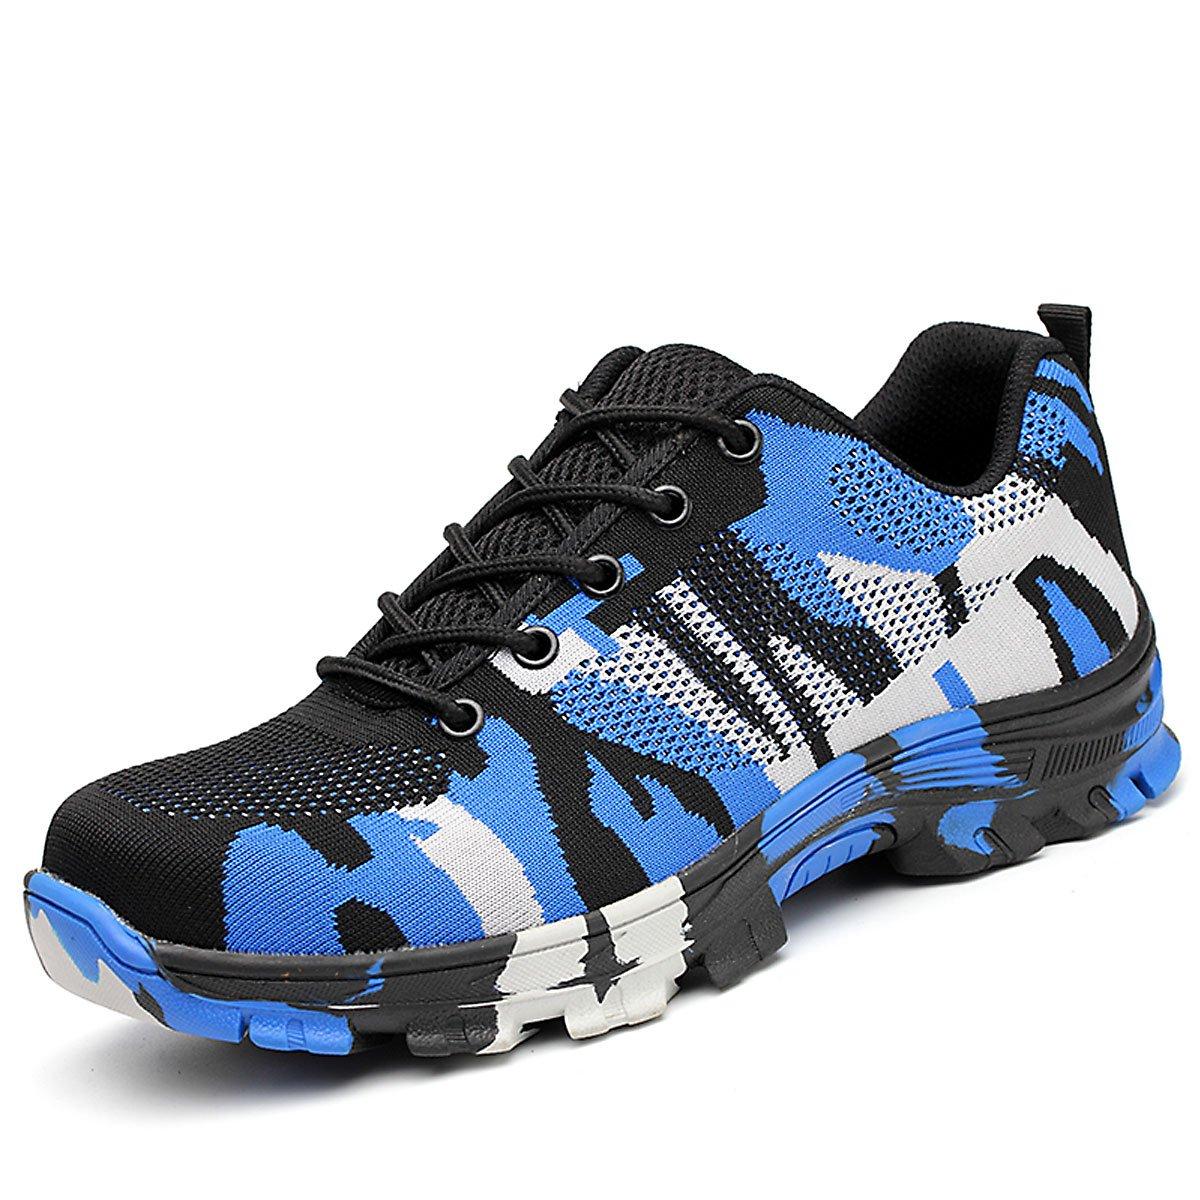 CHNHIRA Chaussures de Sécurité Homme Embout Acier Protection Confortable Léger Respirante Unisexes...